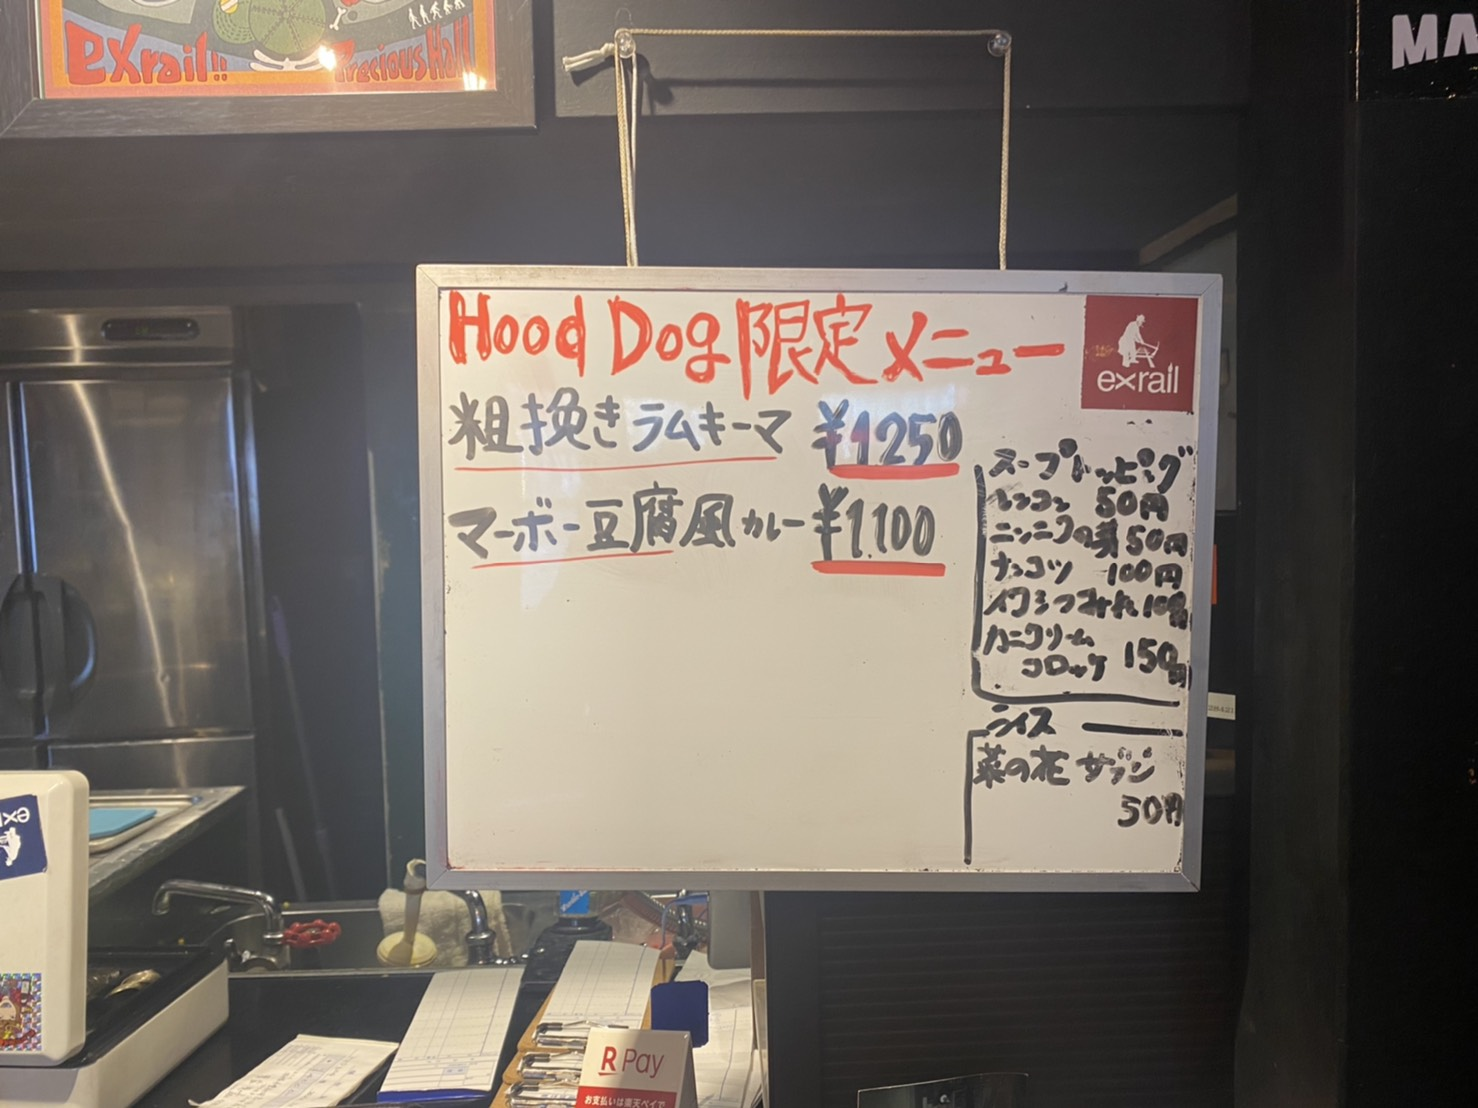 札幌 スープカレー Hood Dog フッドドッグ